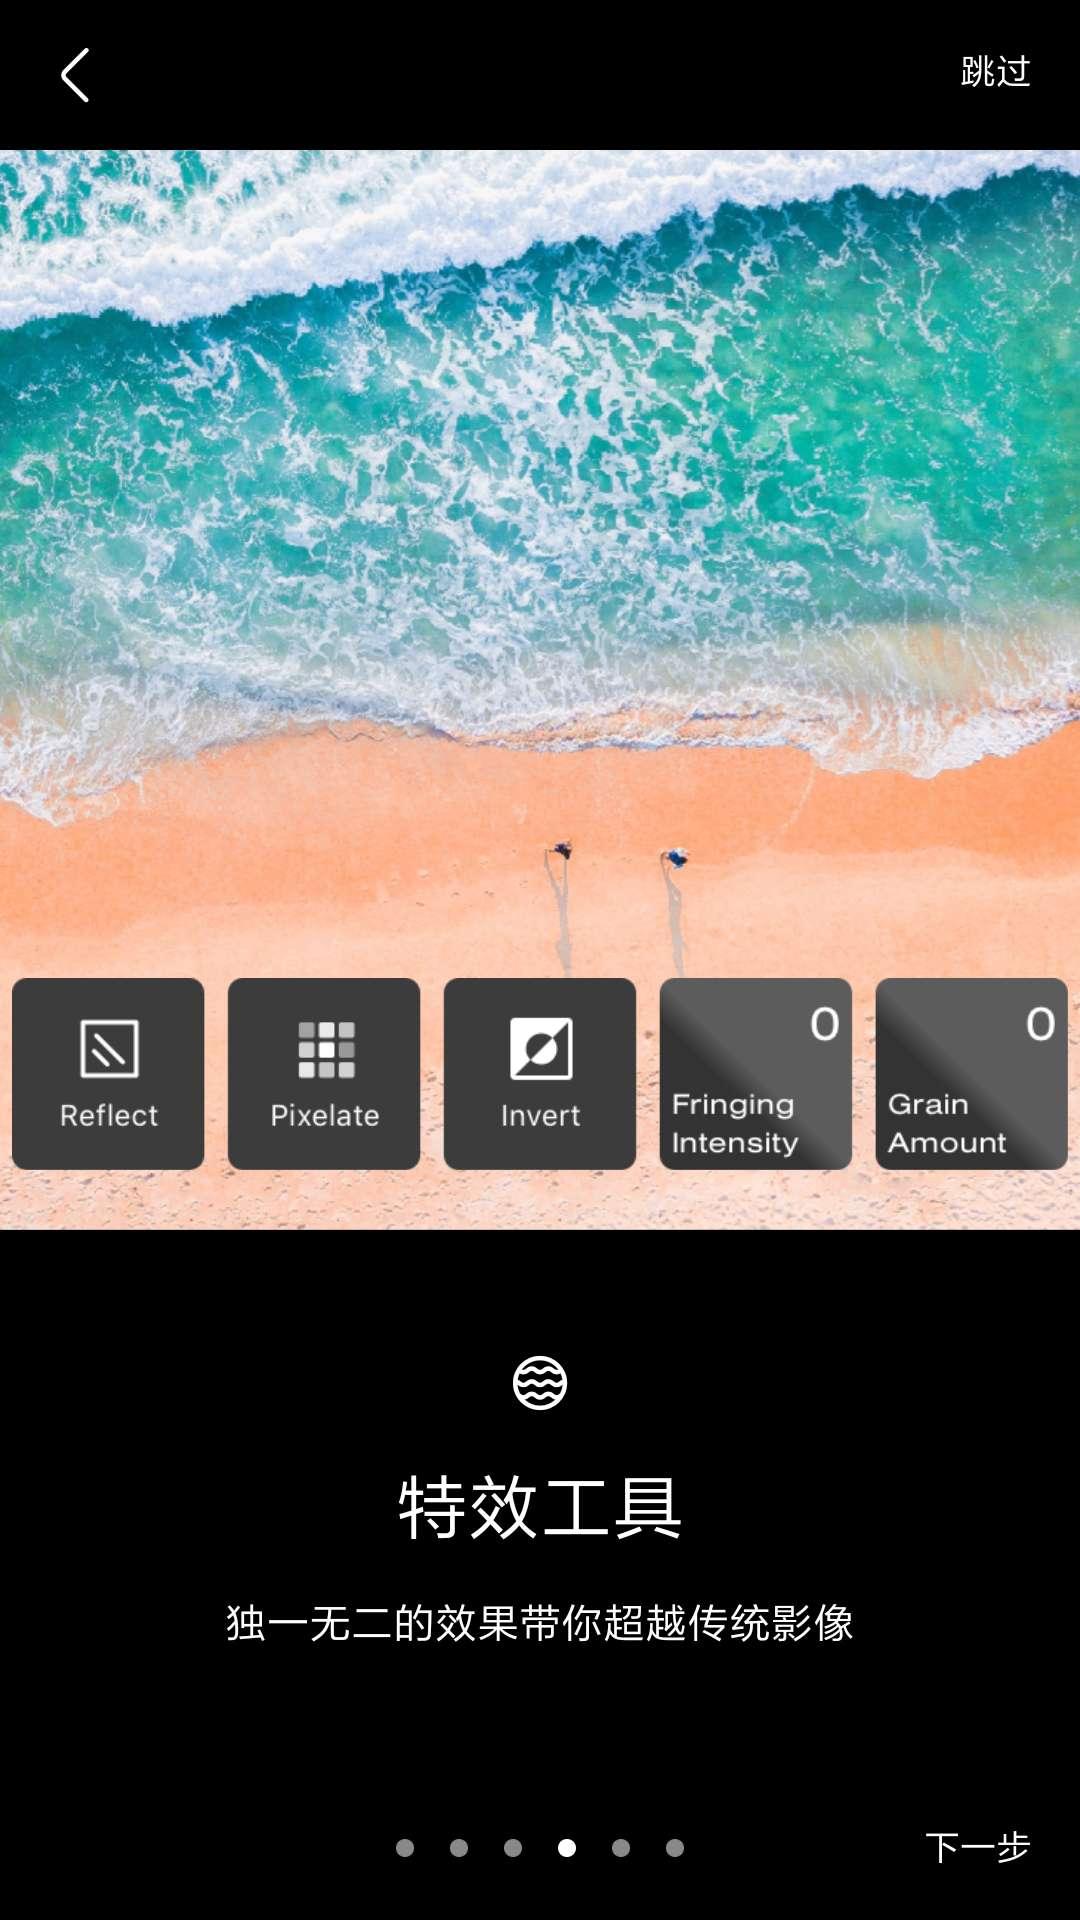 【分享】泼辣修图v5.10.18破解版,解锁所有付费功能!!!